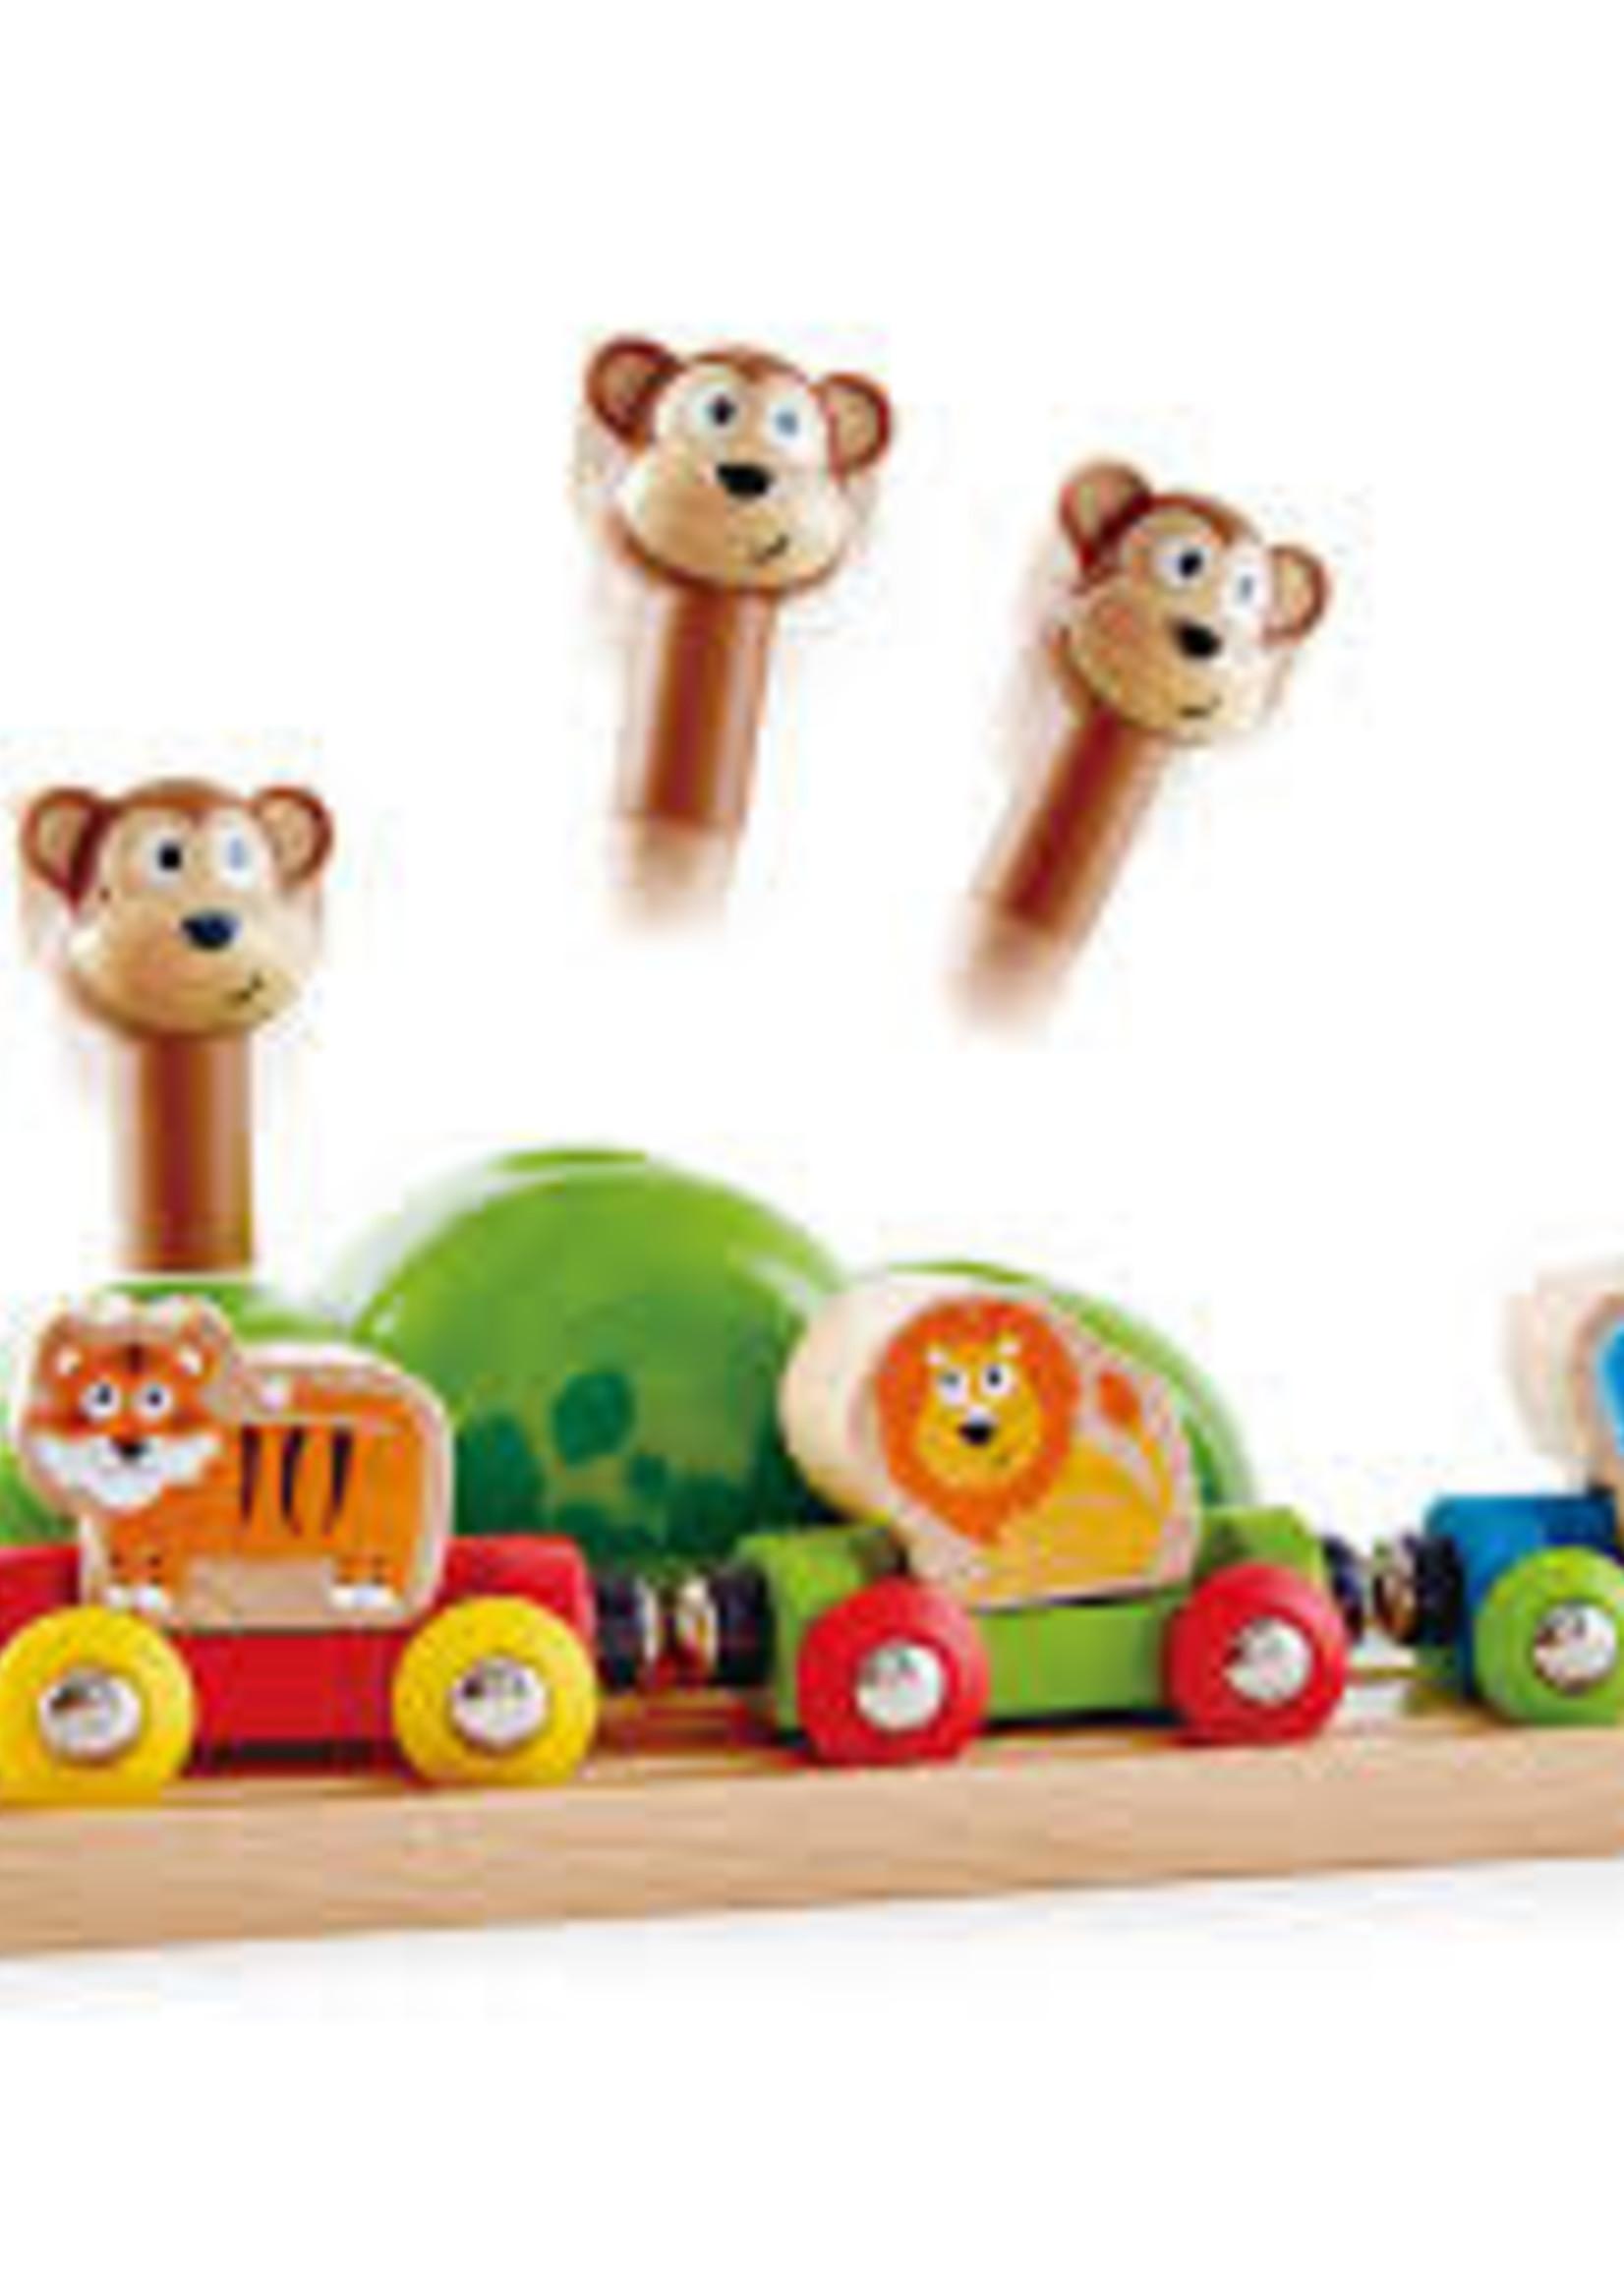 Hape Hape music & monkey railway